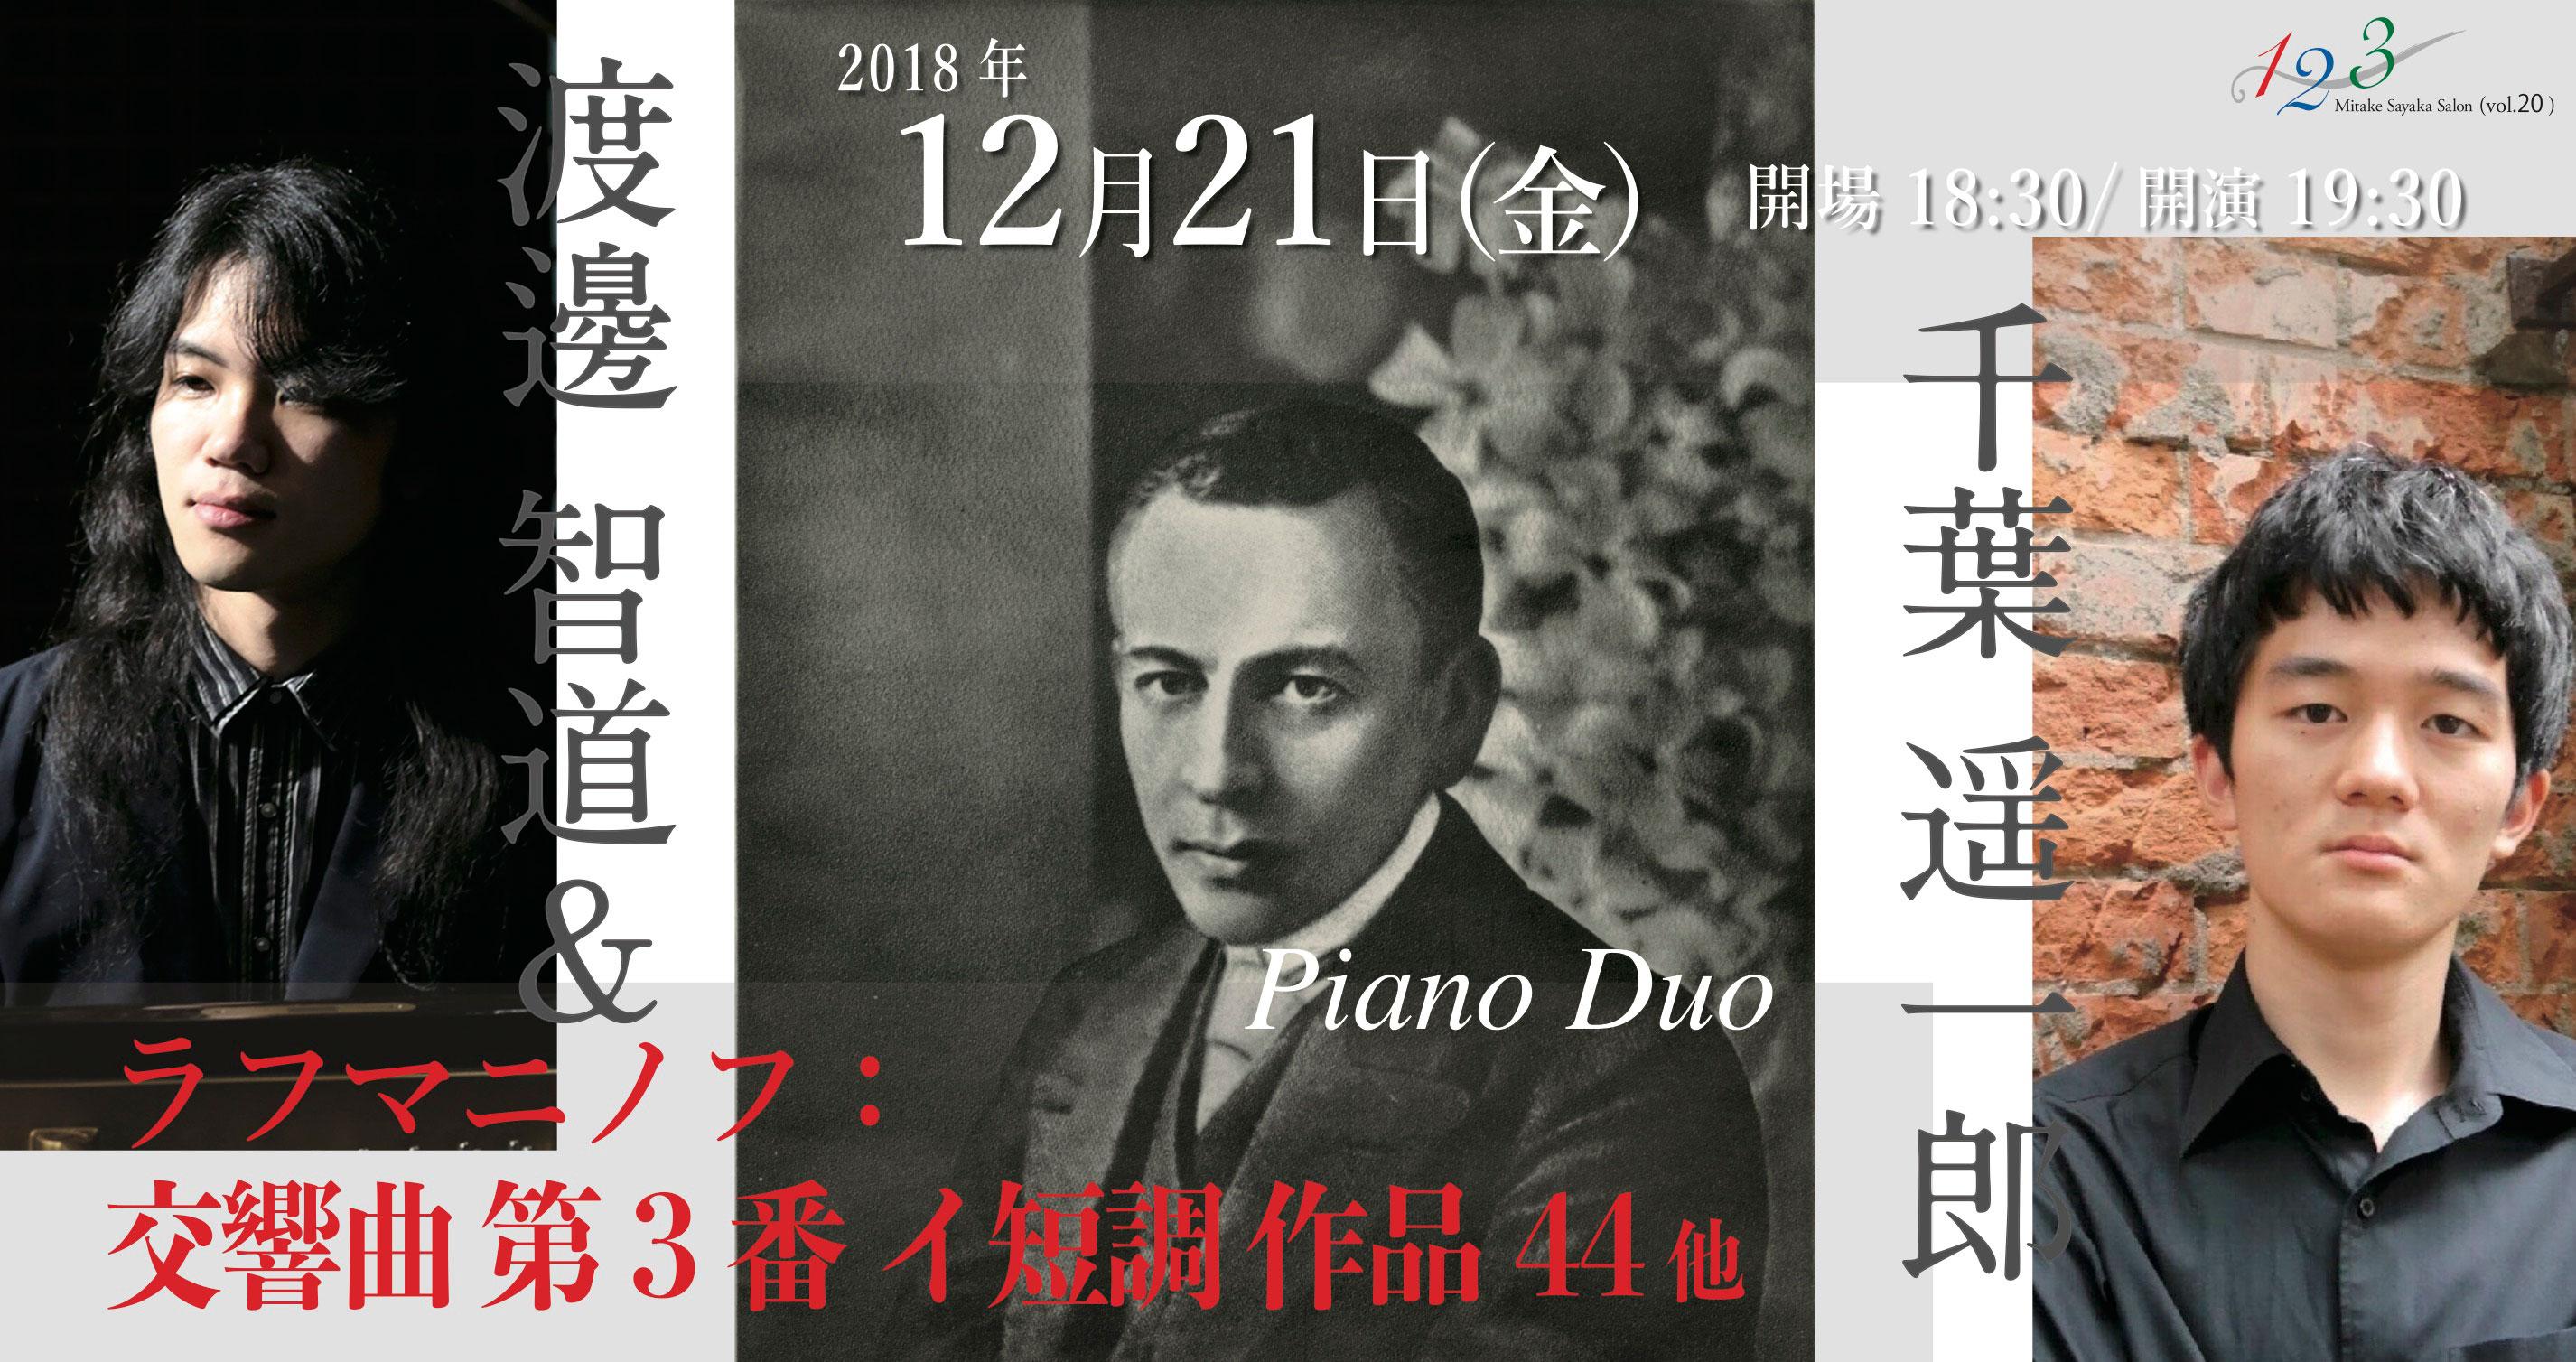 12月21日19:30~ 渡邊智道&千葉遥一郎ピアノデュオコンサート